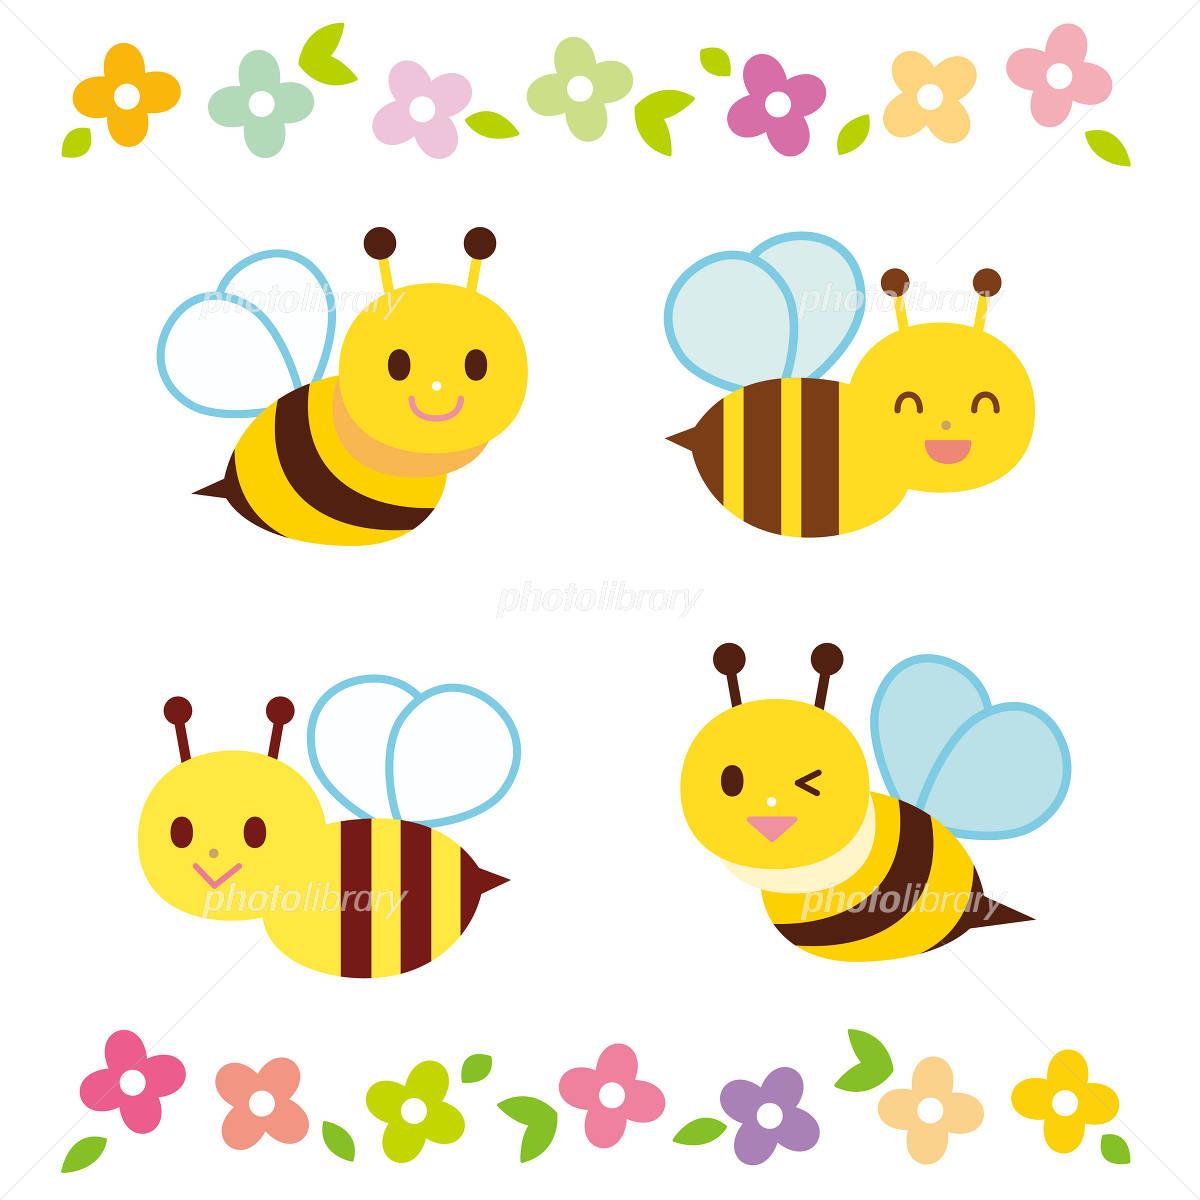 蜂と花 イラスト素材 フォトライブラリー Photolibrary